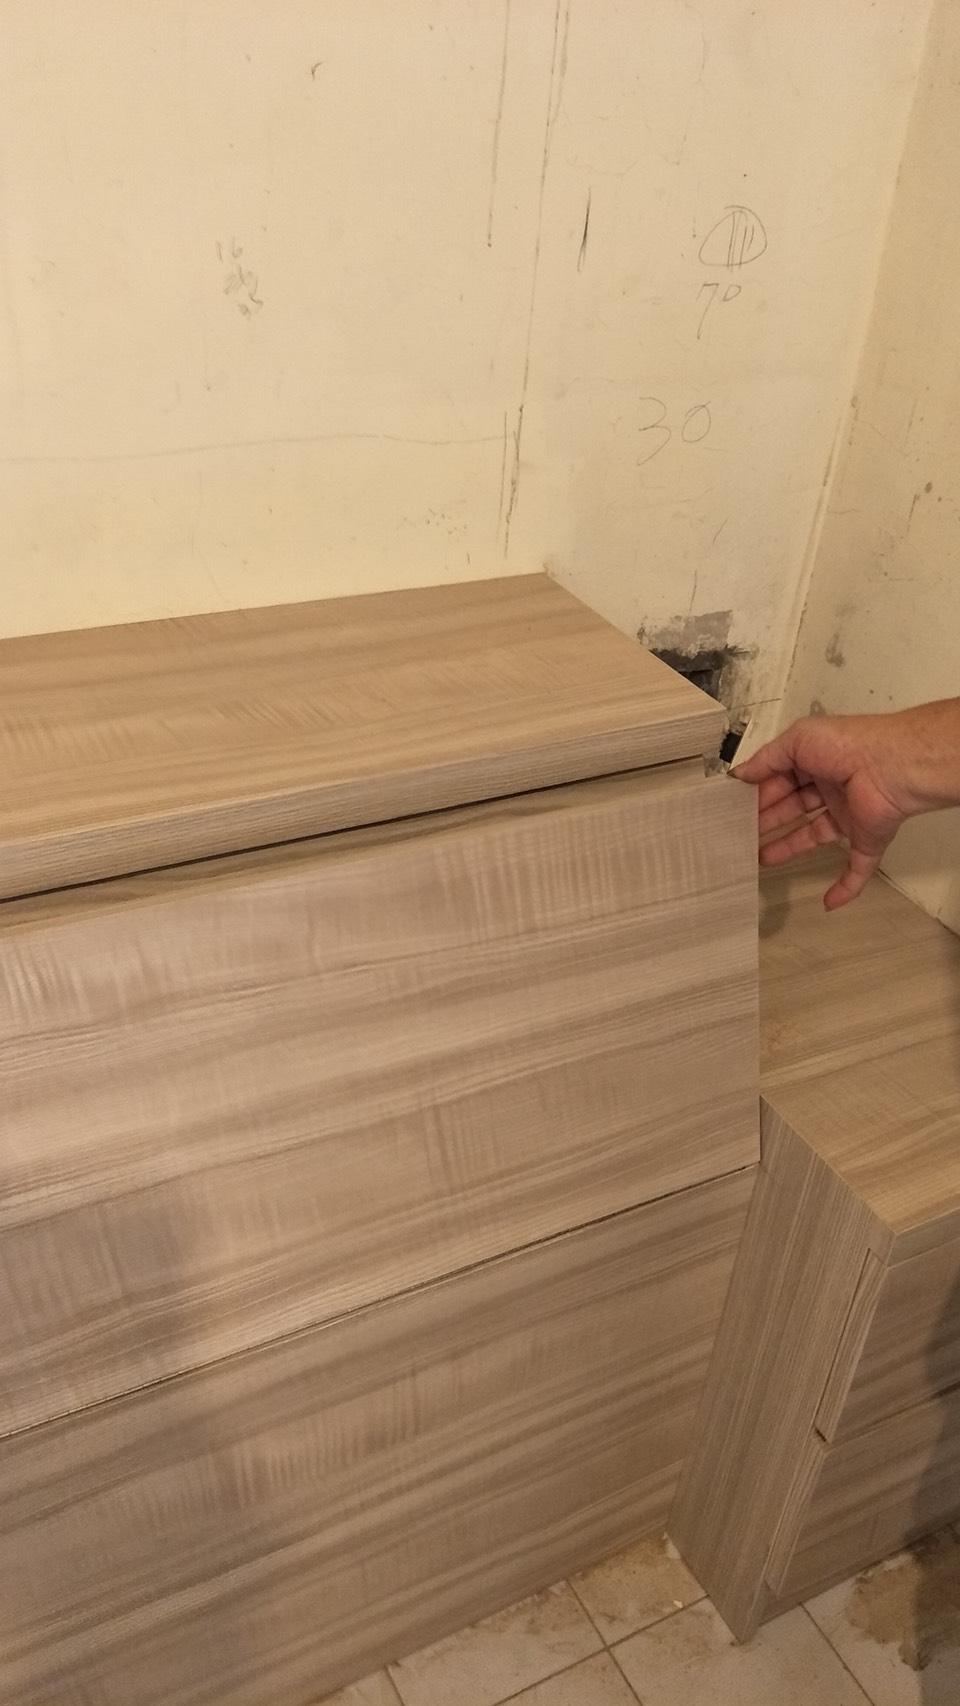 台北市住家室內裝潢衣櫃系統櫃木工 (25)